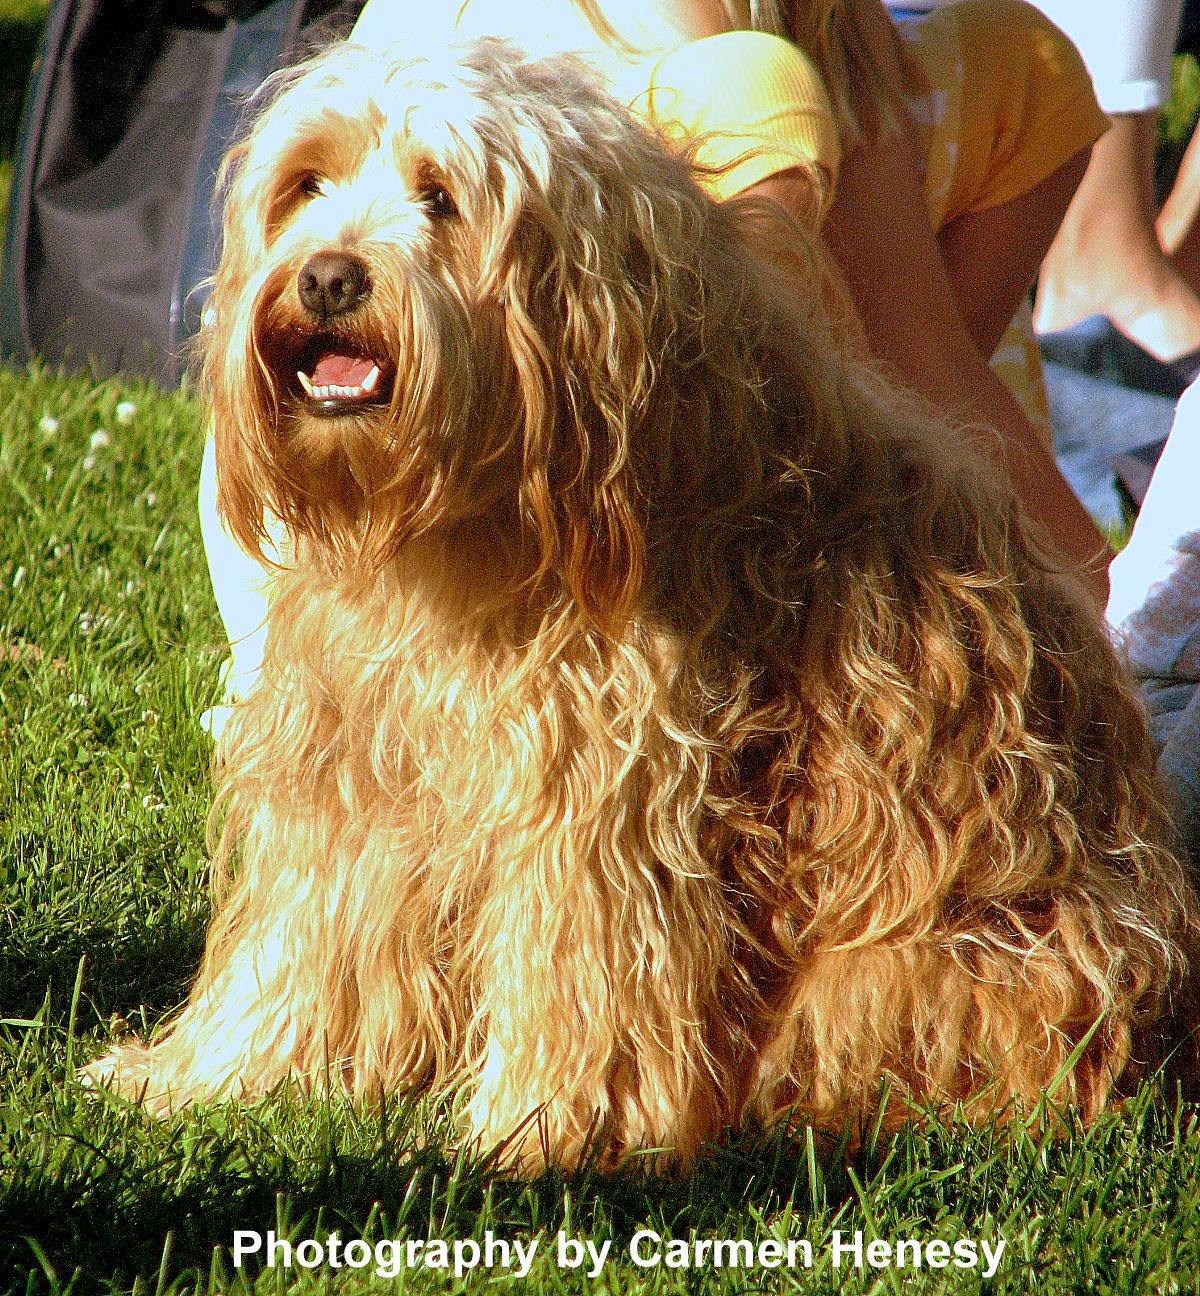 Shaggy Dog Shaggy dog - june 18, 2011